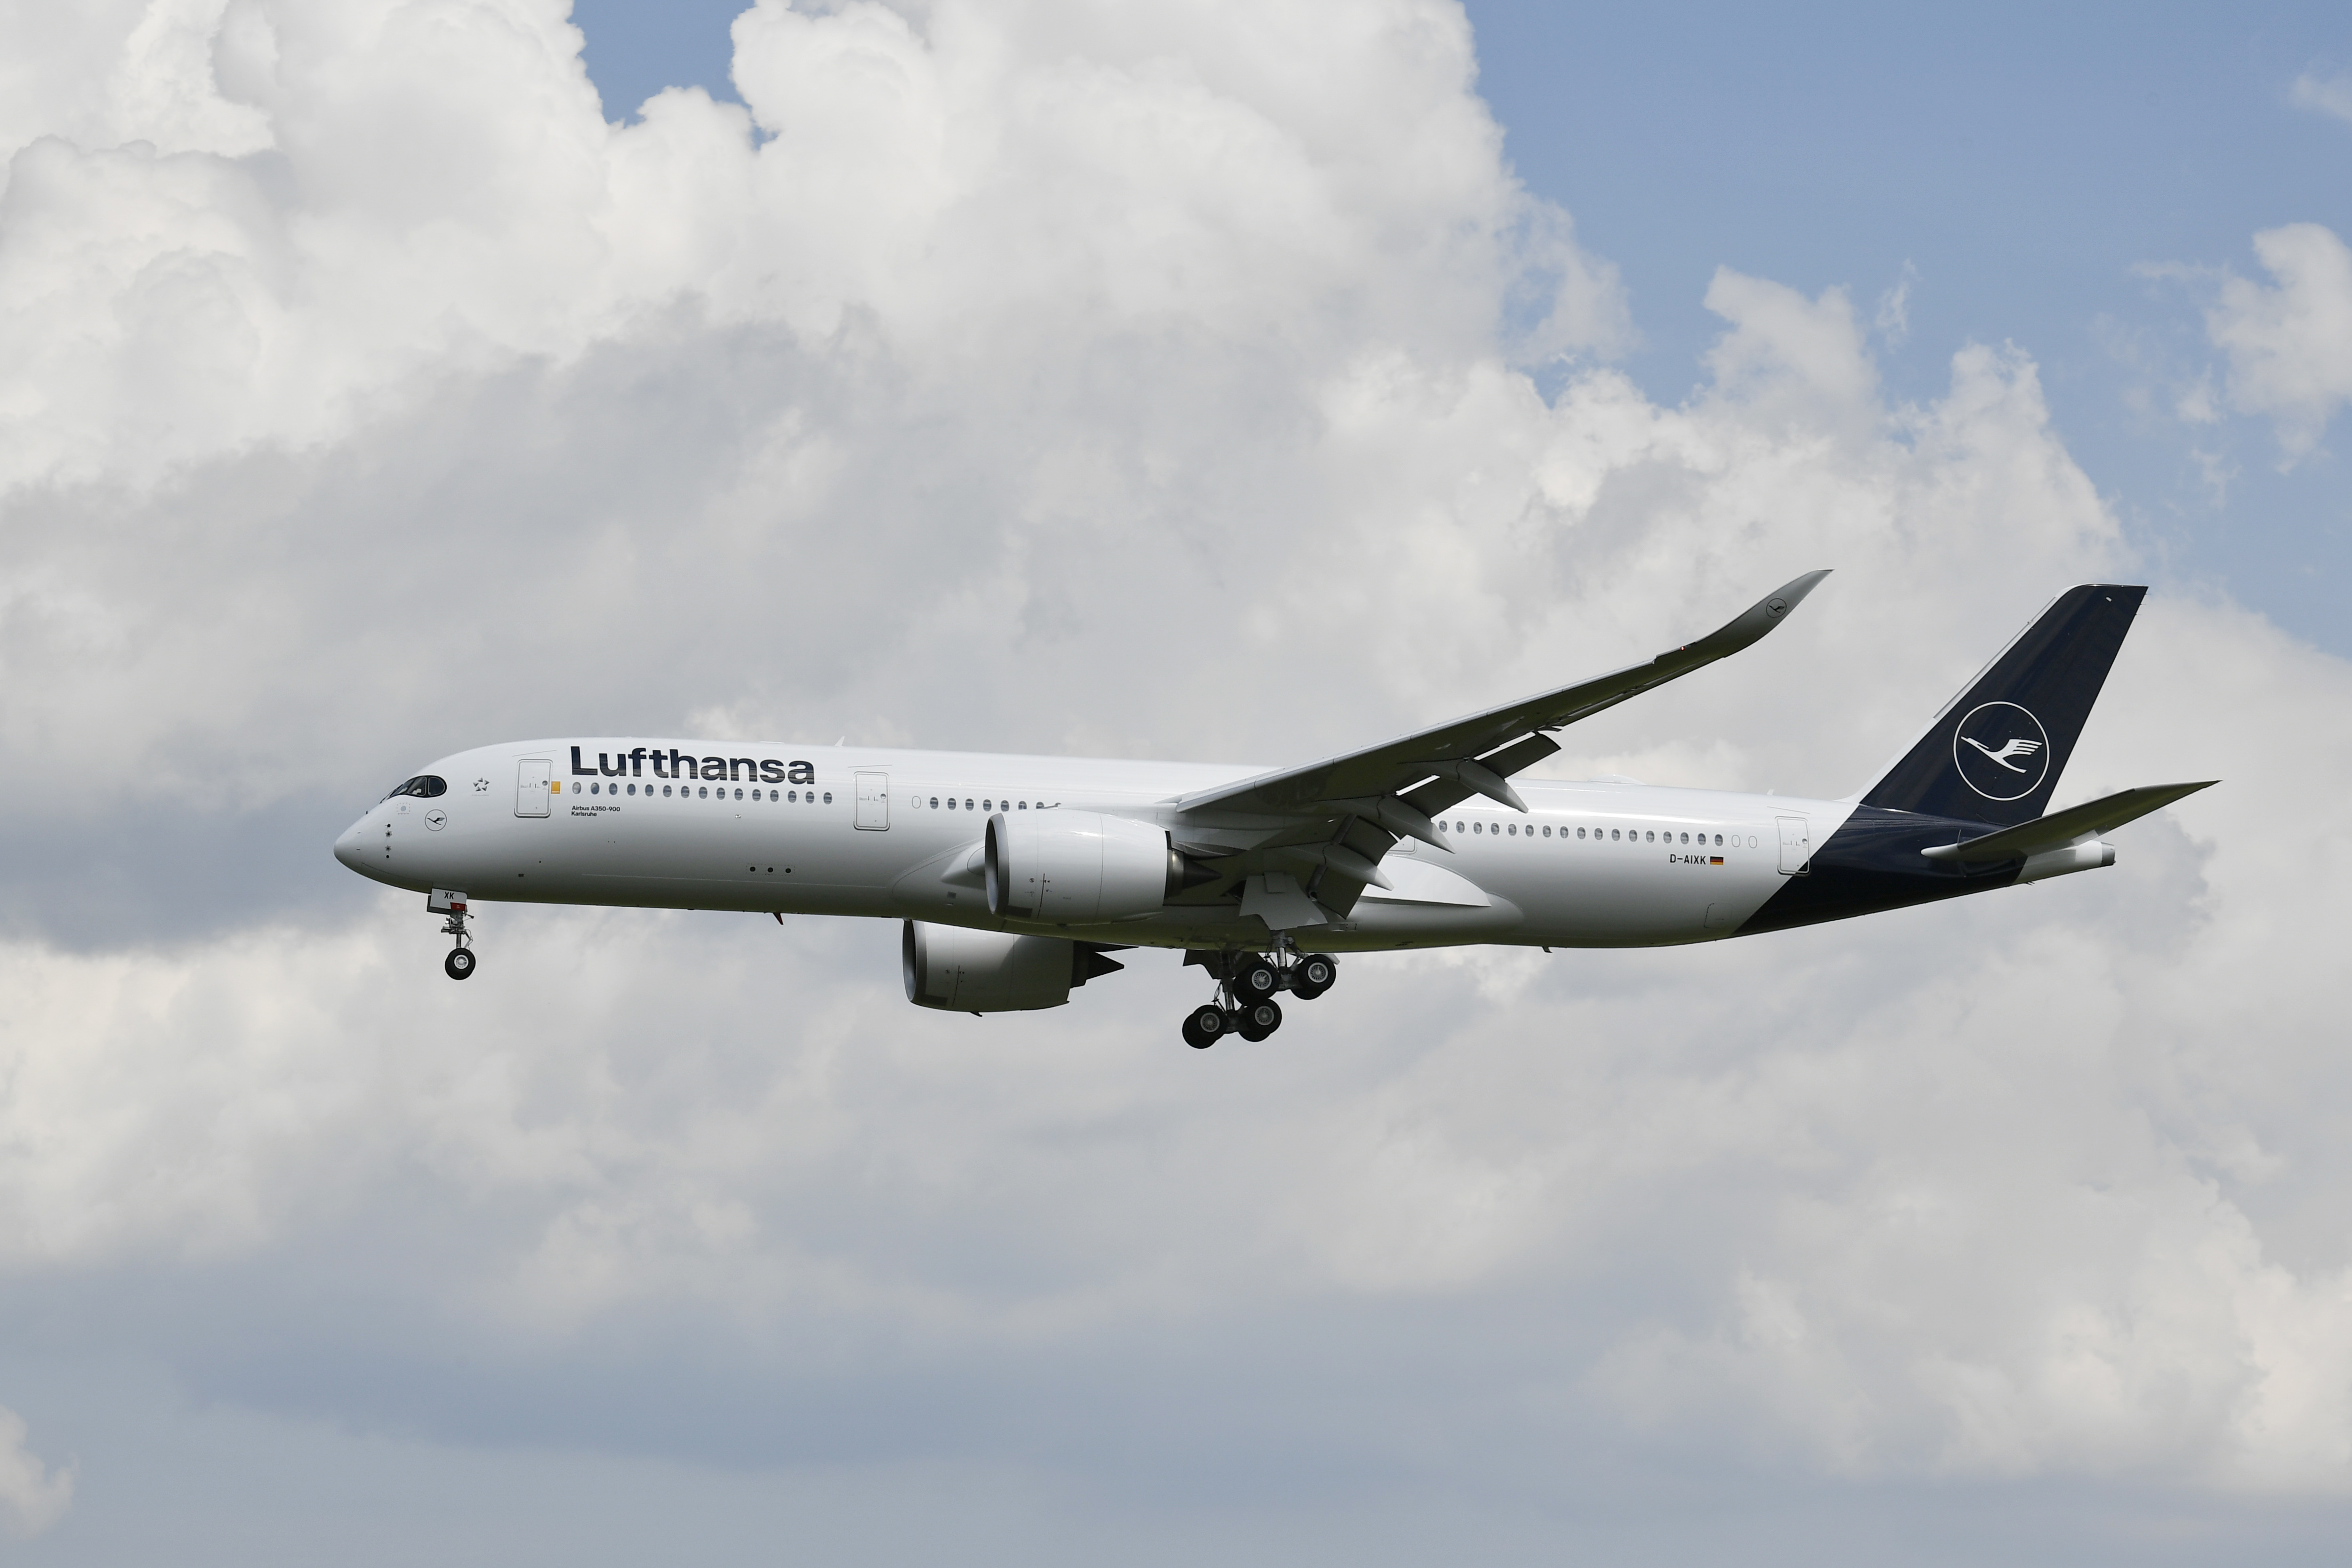 A 350-es már repül a társaság színeiben (fotók. Lufthansa)